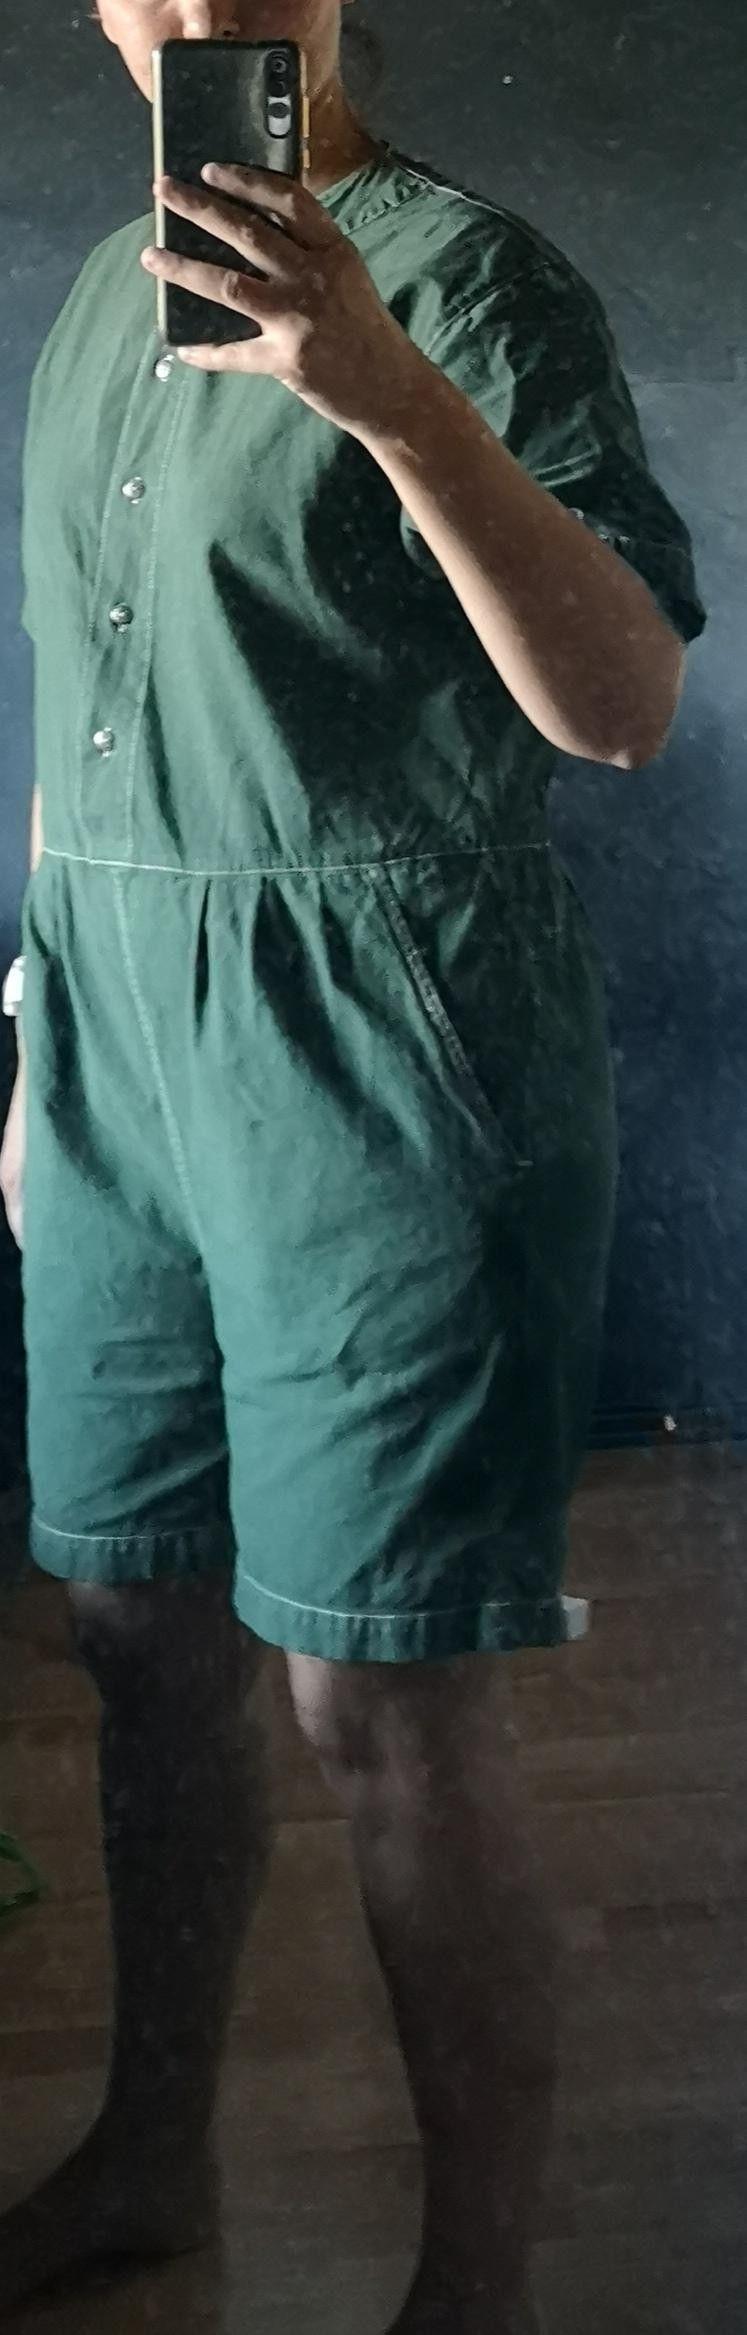 Bruuns bazaar. LOTTE fuskepels kåpe, nydelig grønn farge